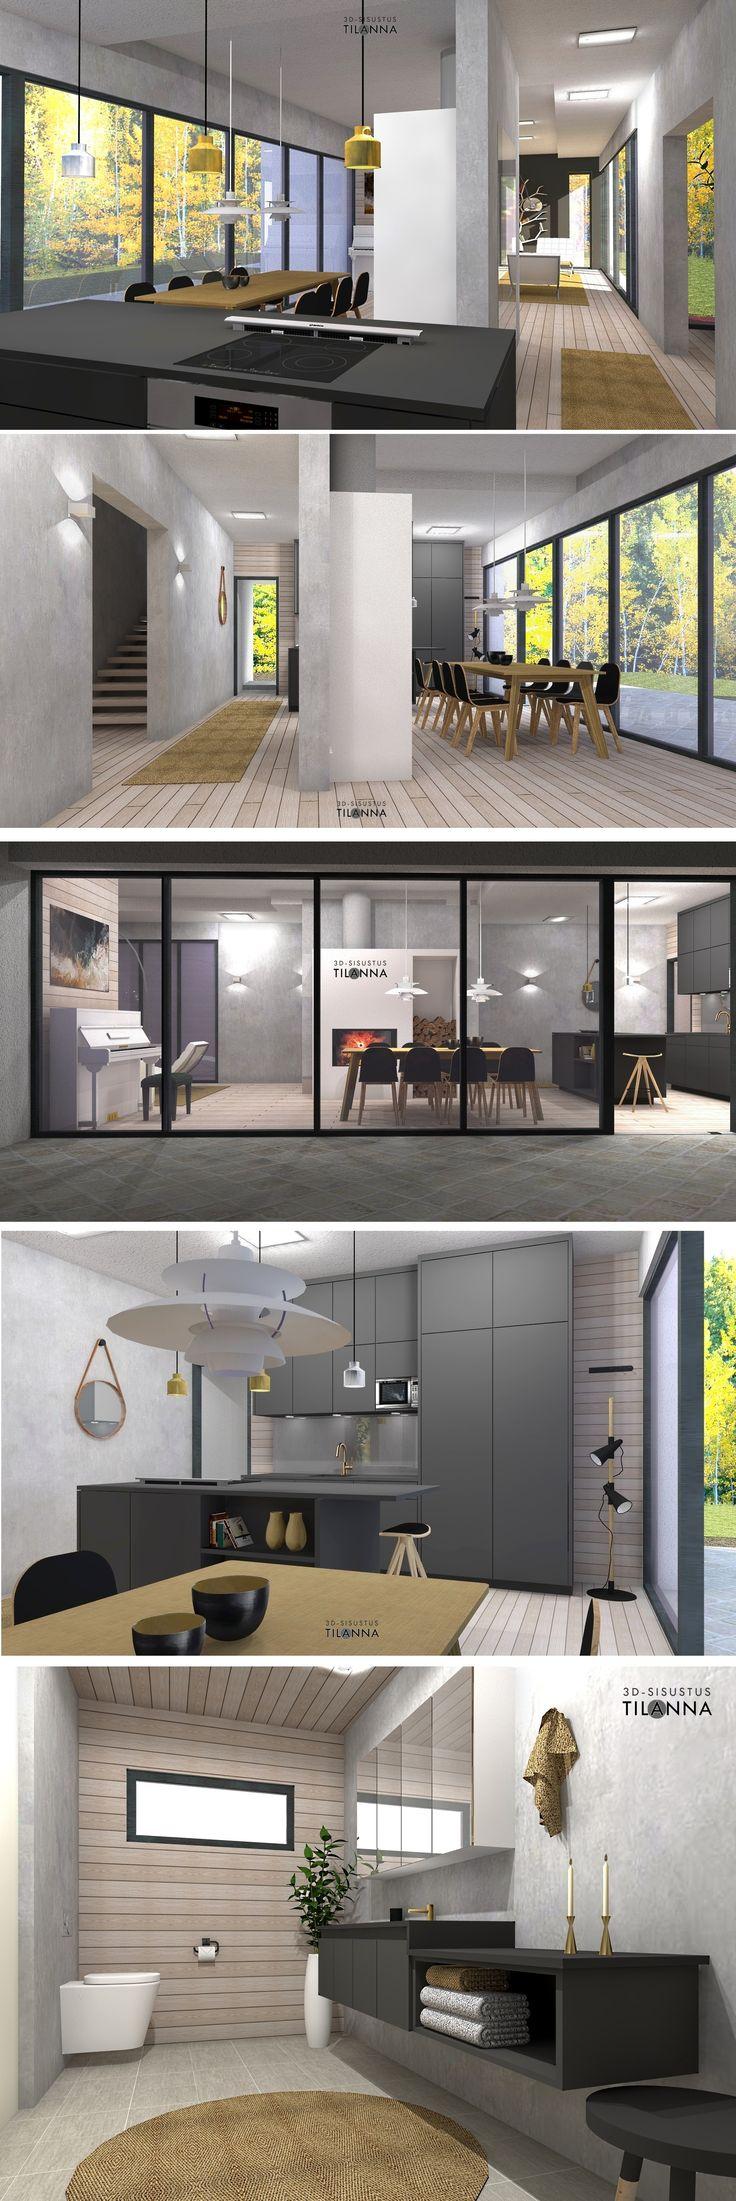 uudiskohteen 3D-sisustussuunnittelu, 3D-visualisointi / olohuone ja ruokailutila, seinä-wc, lankkulattia, betoniseinä, hiilenharmaa keittiö, mustat/ hiilenharmaat wc:n kiintokalusteet, kultaiset ja kromiset valaisimet, ph 5 valaisin, musta taustaseinä, paneeliseinä, ohrankeltainen matto, tamminen ruokapöytä ja mustat tuolit, kultaiset hanat, piano ruokailutilassa / 3D-sisustus Tilanna